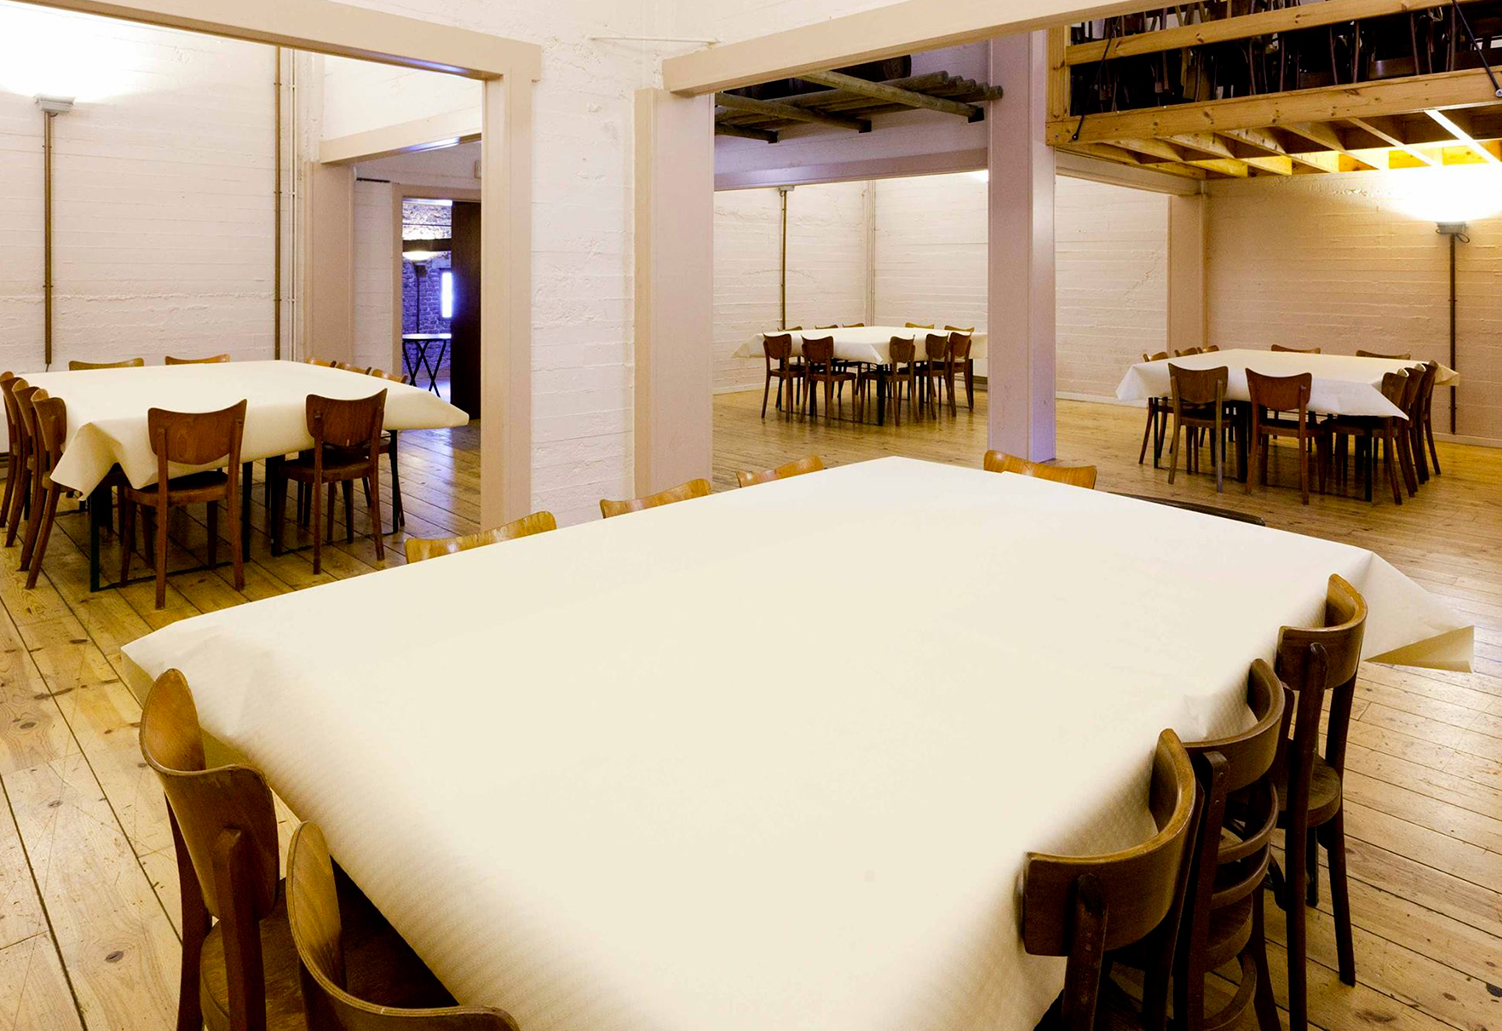 Salle de Banquet - La Binchoise